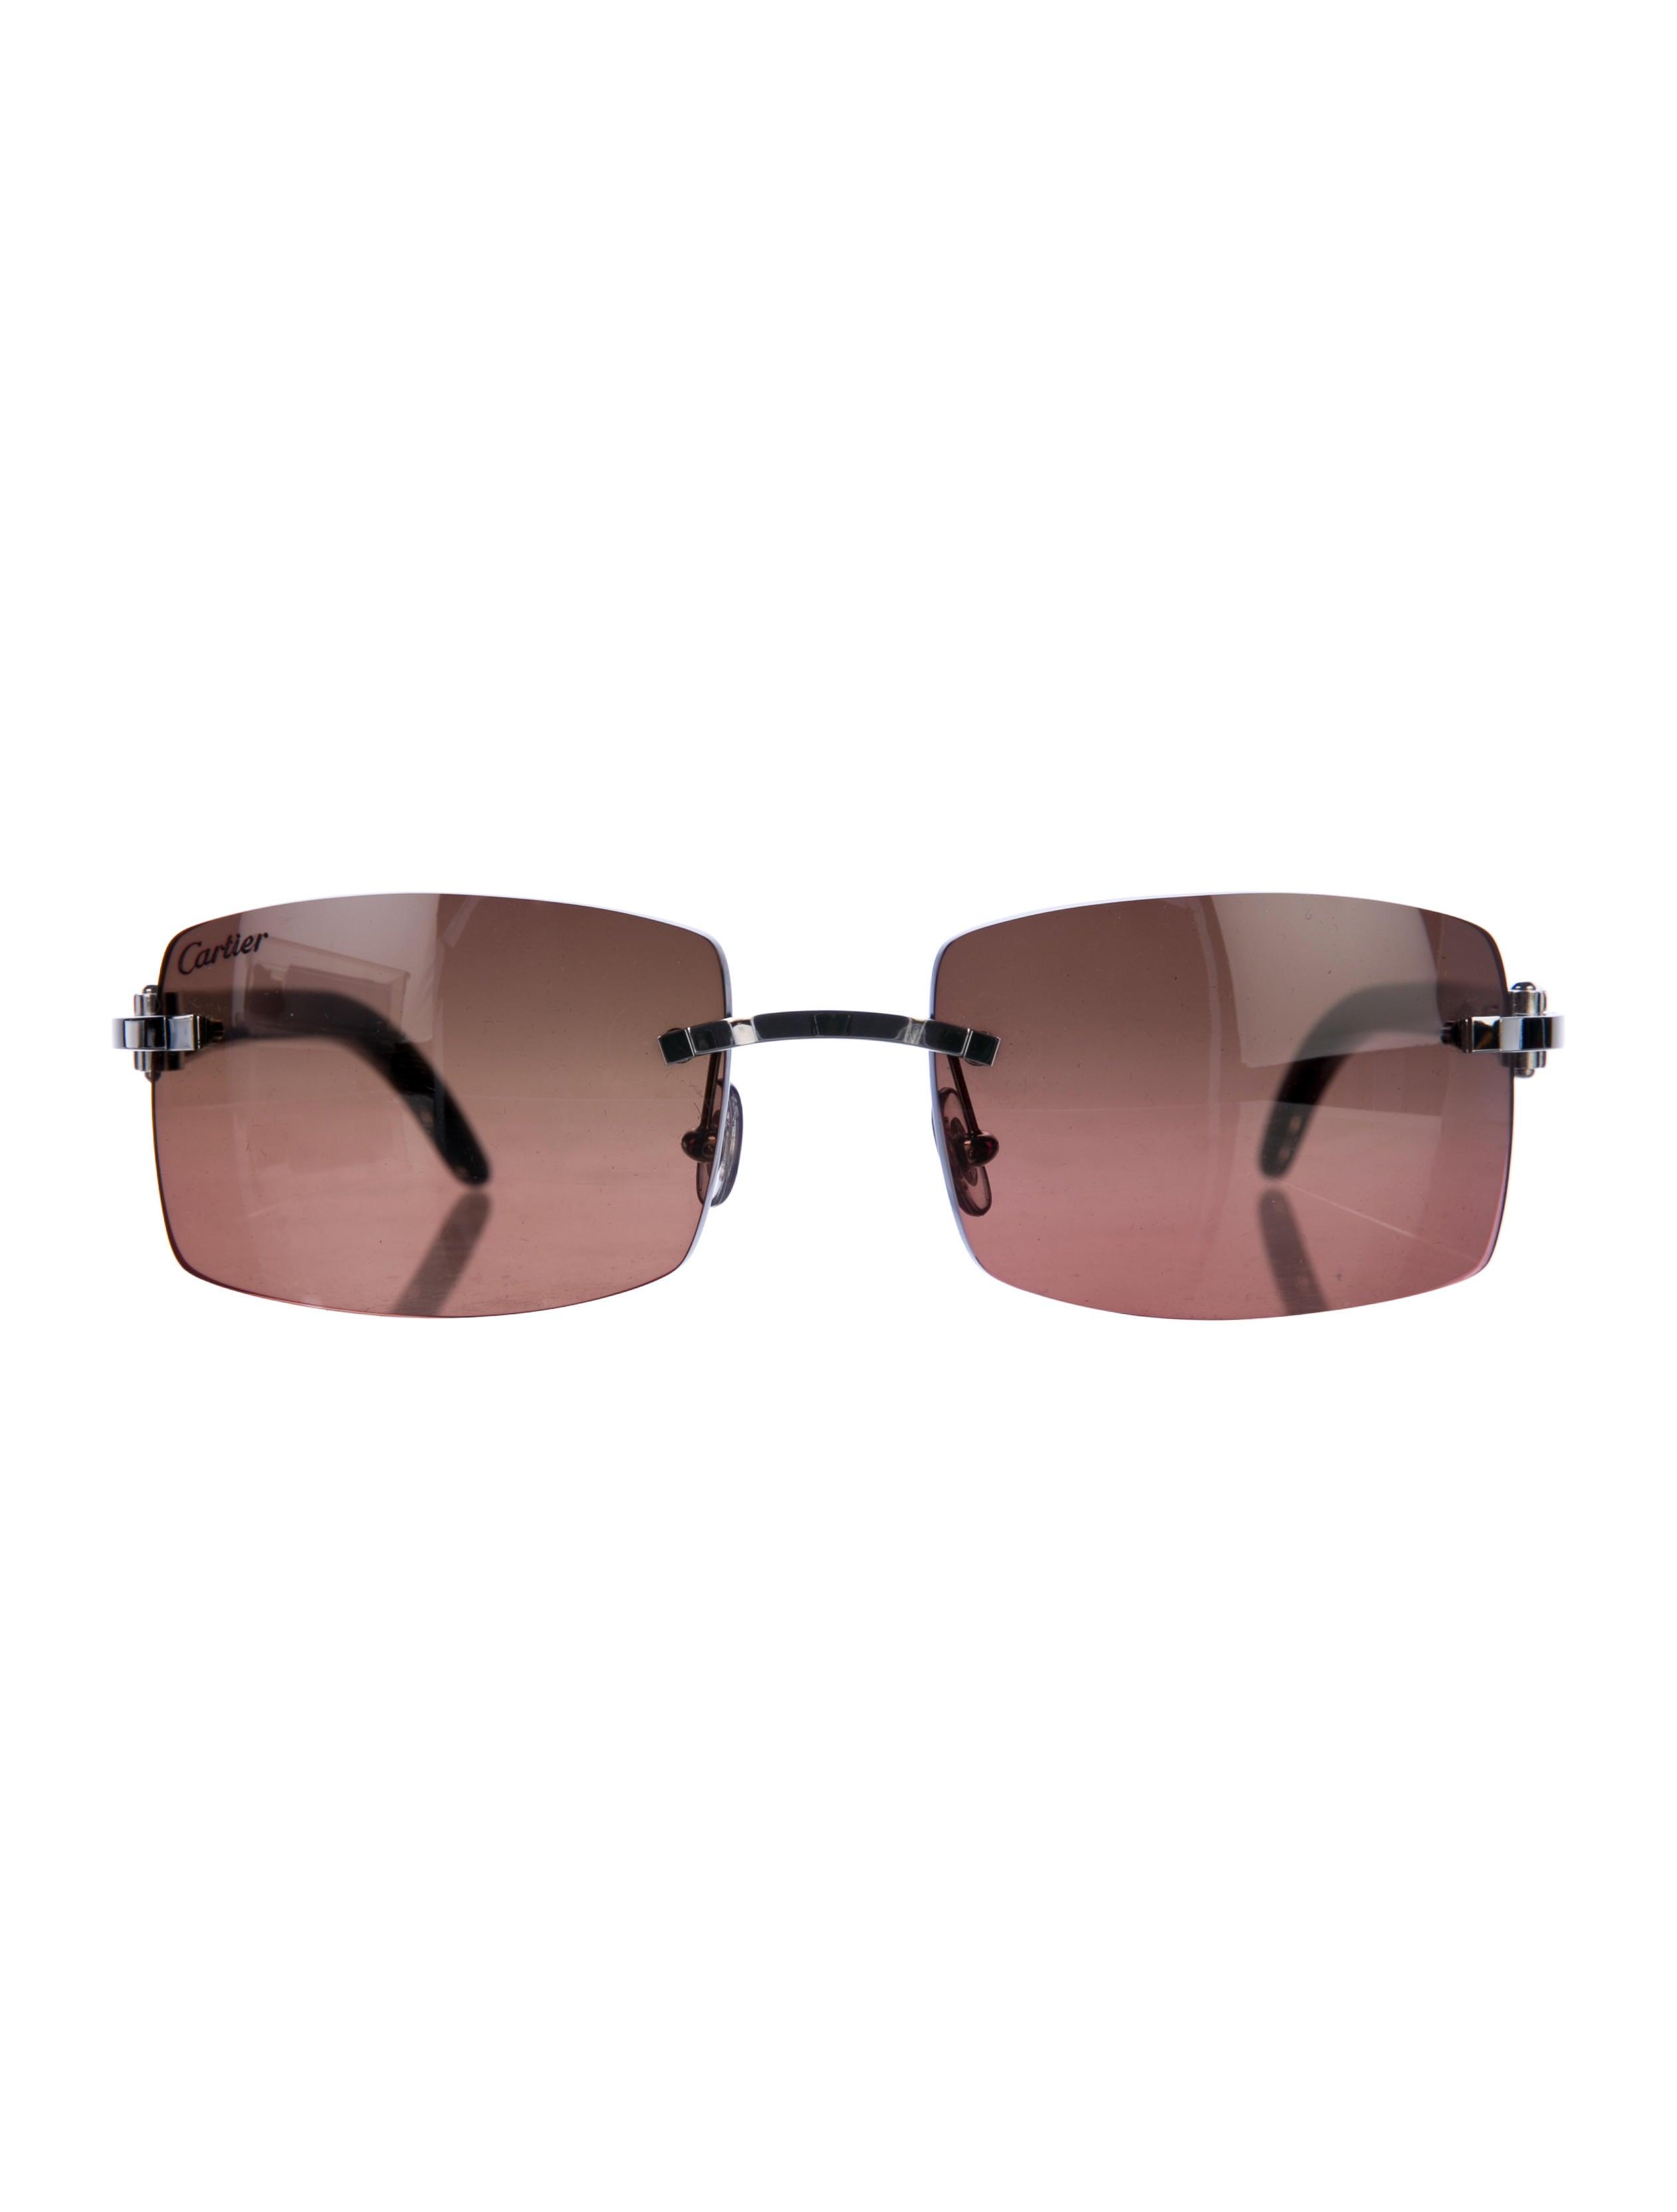 a755e0028a450 Cartier C Decor Sardinia Buffalo Horn Sunglasses - Accessories ...